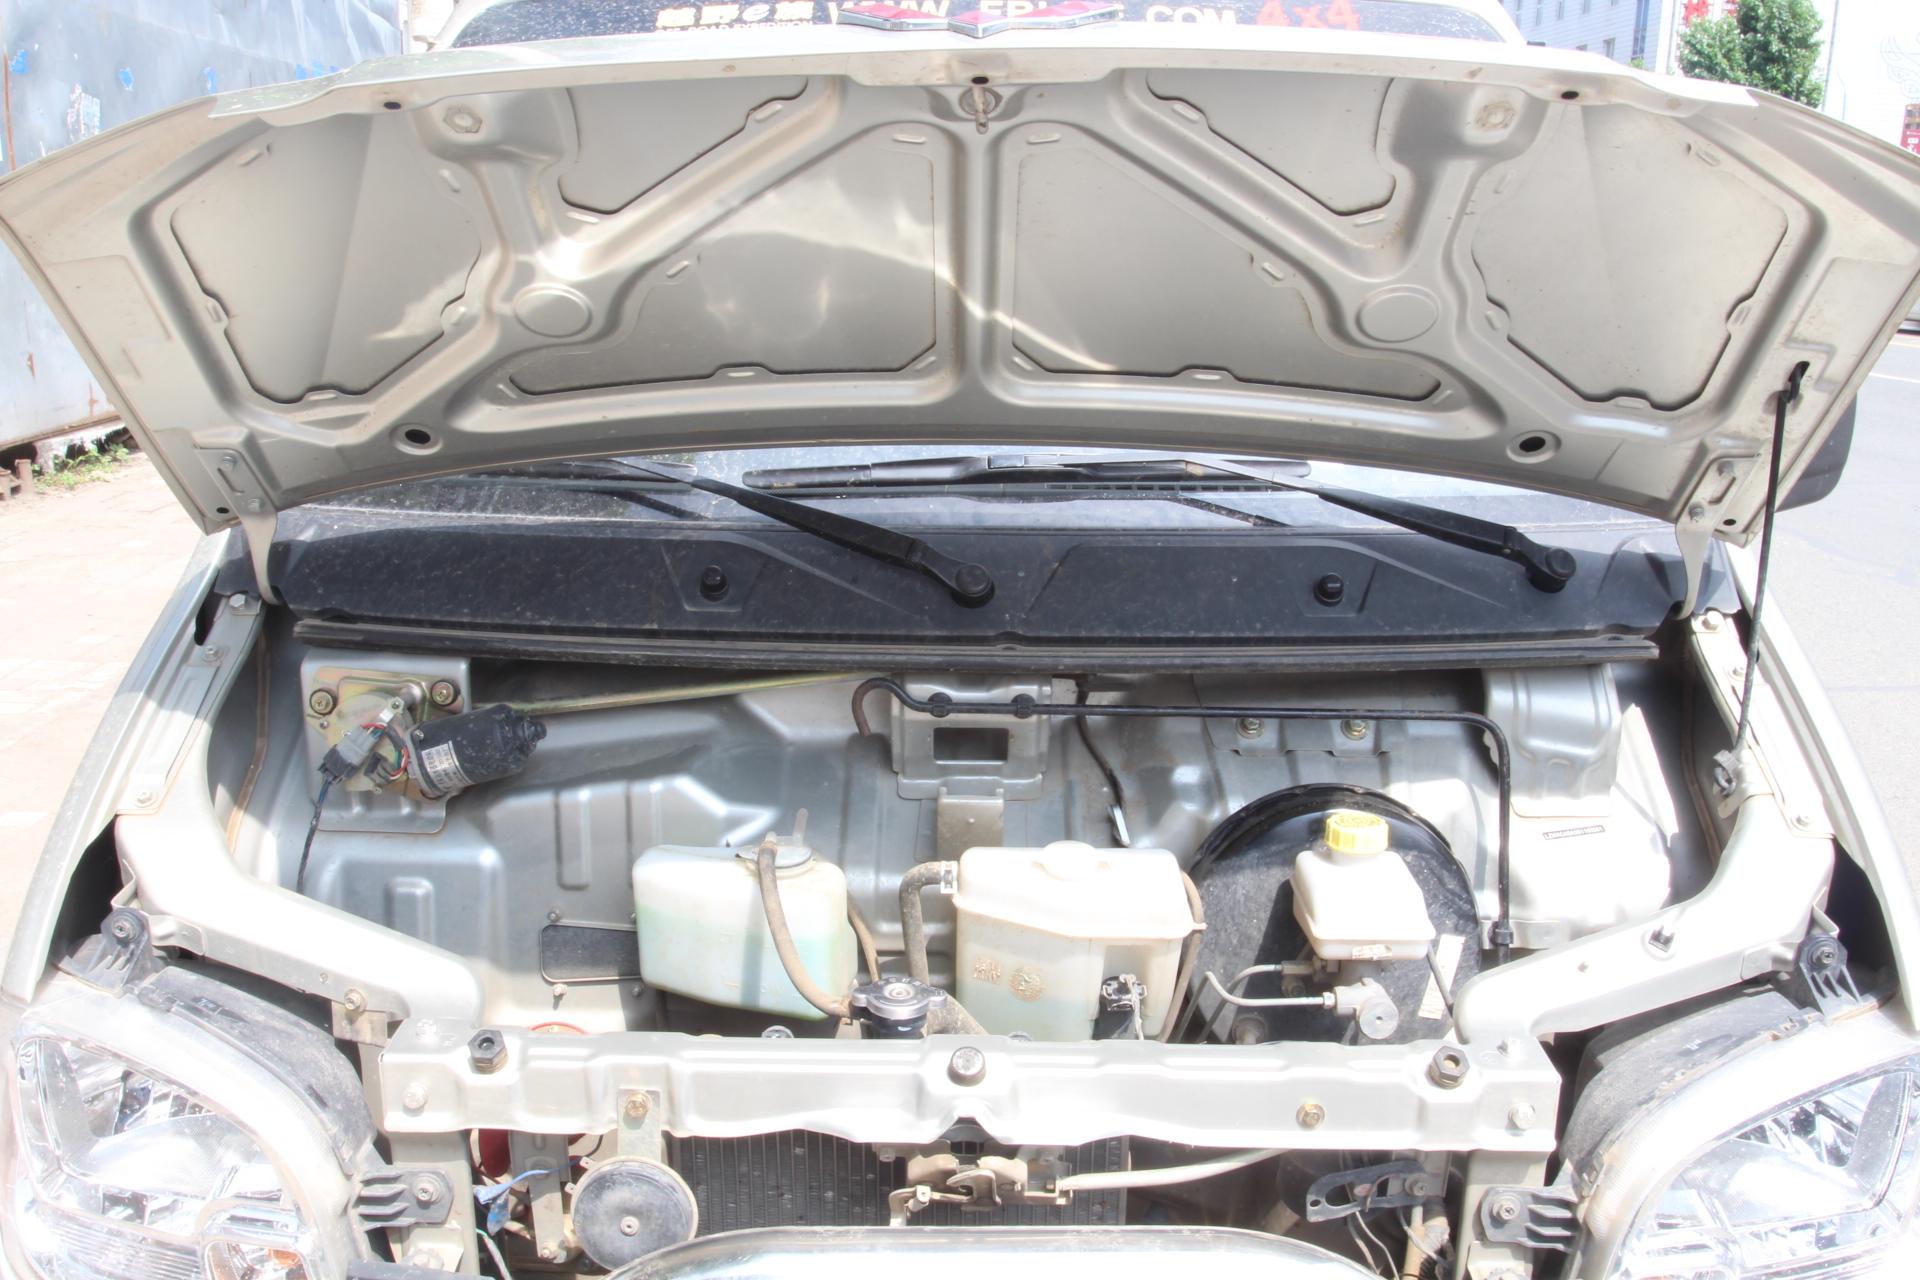 五菱汽车-五菱之光 2013款 1.0l基本型图片